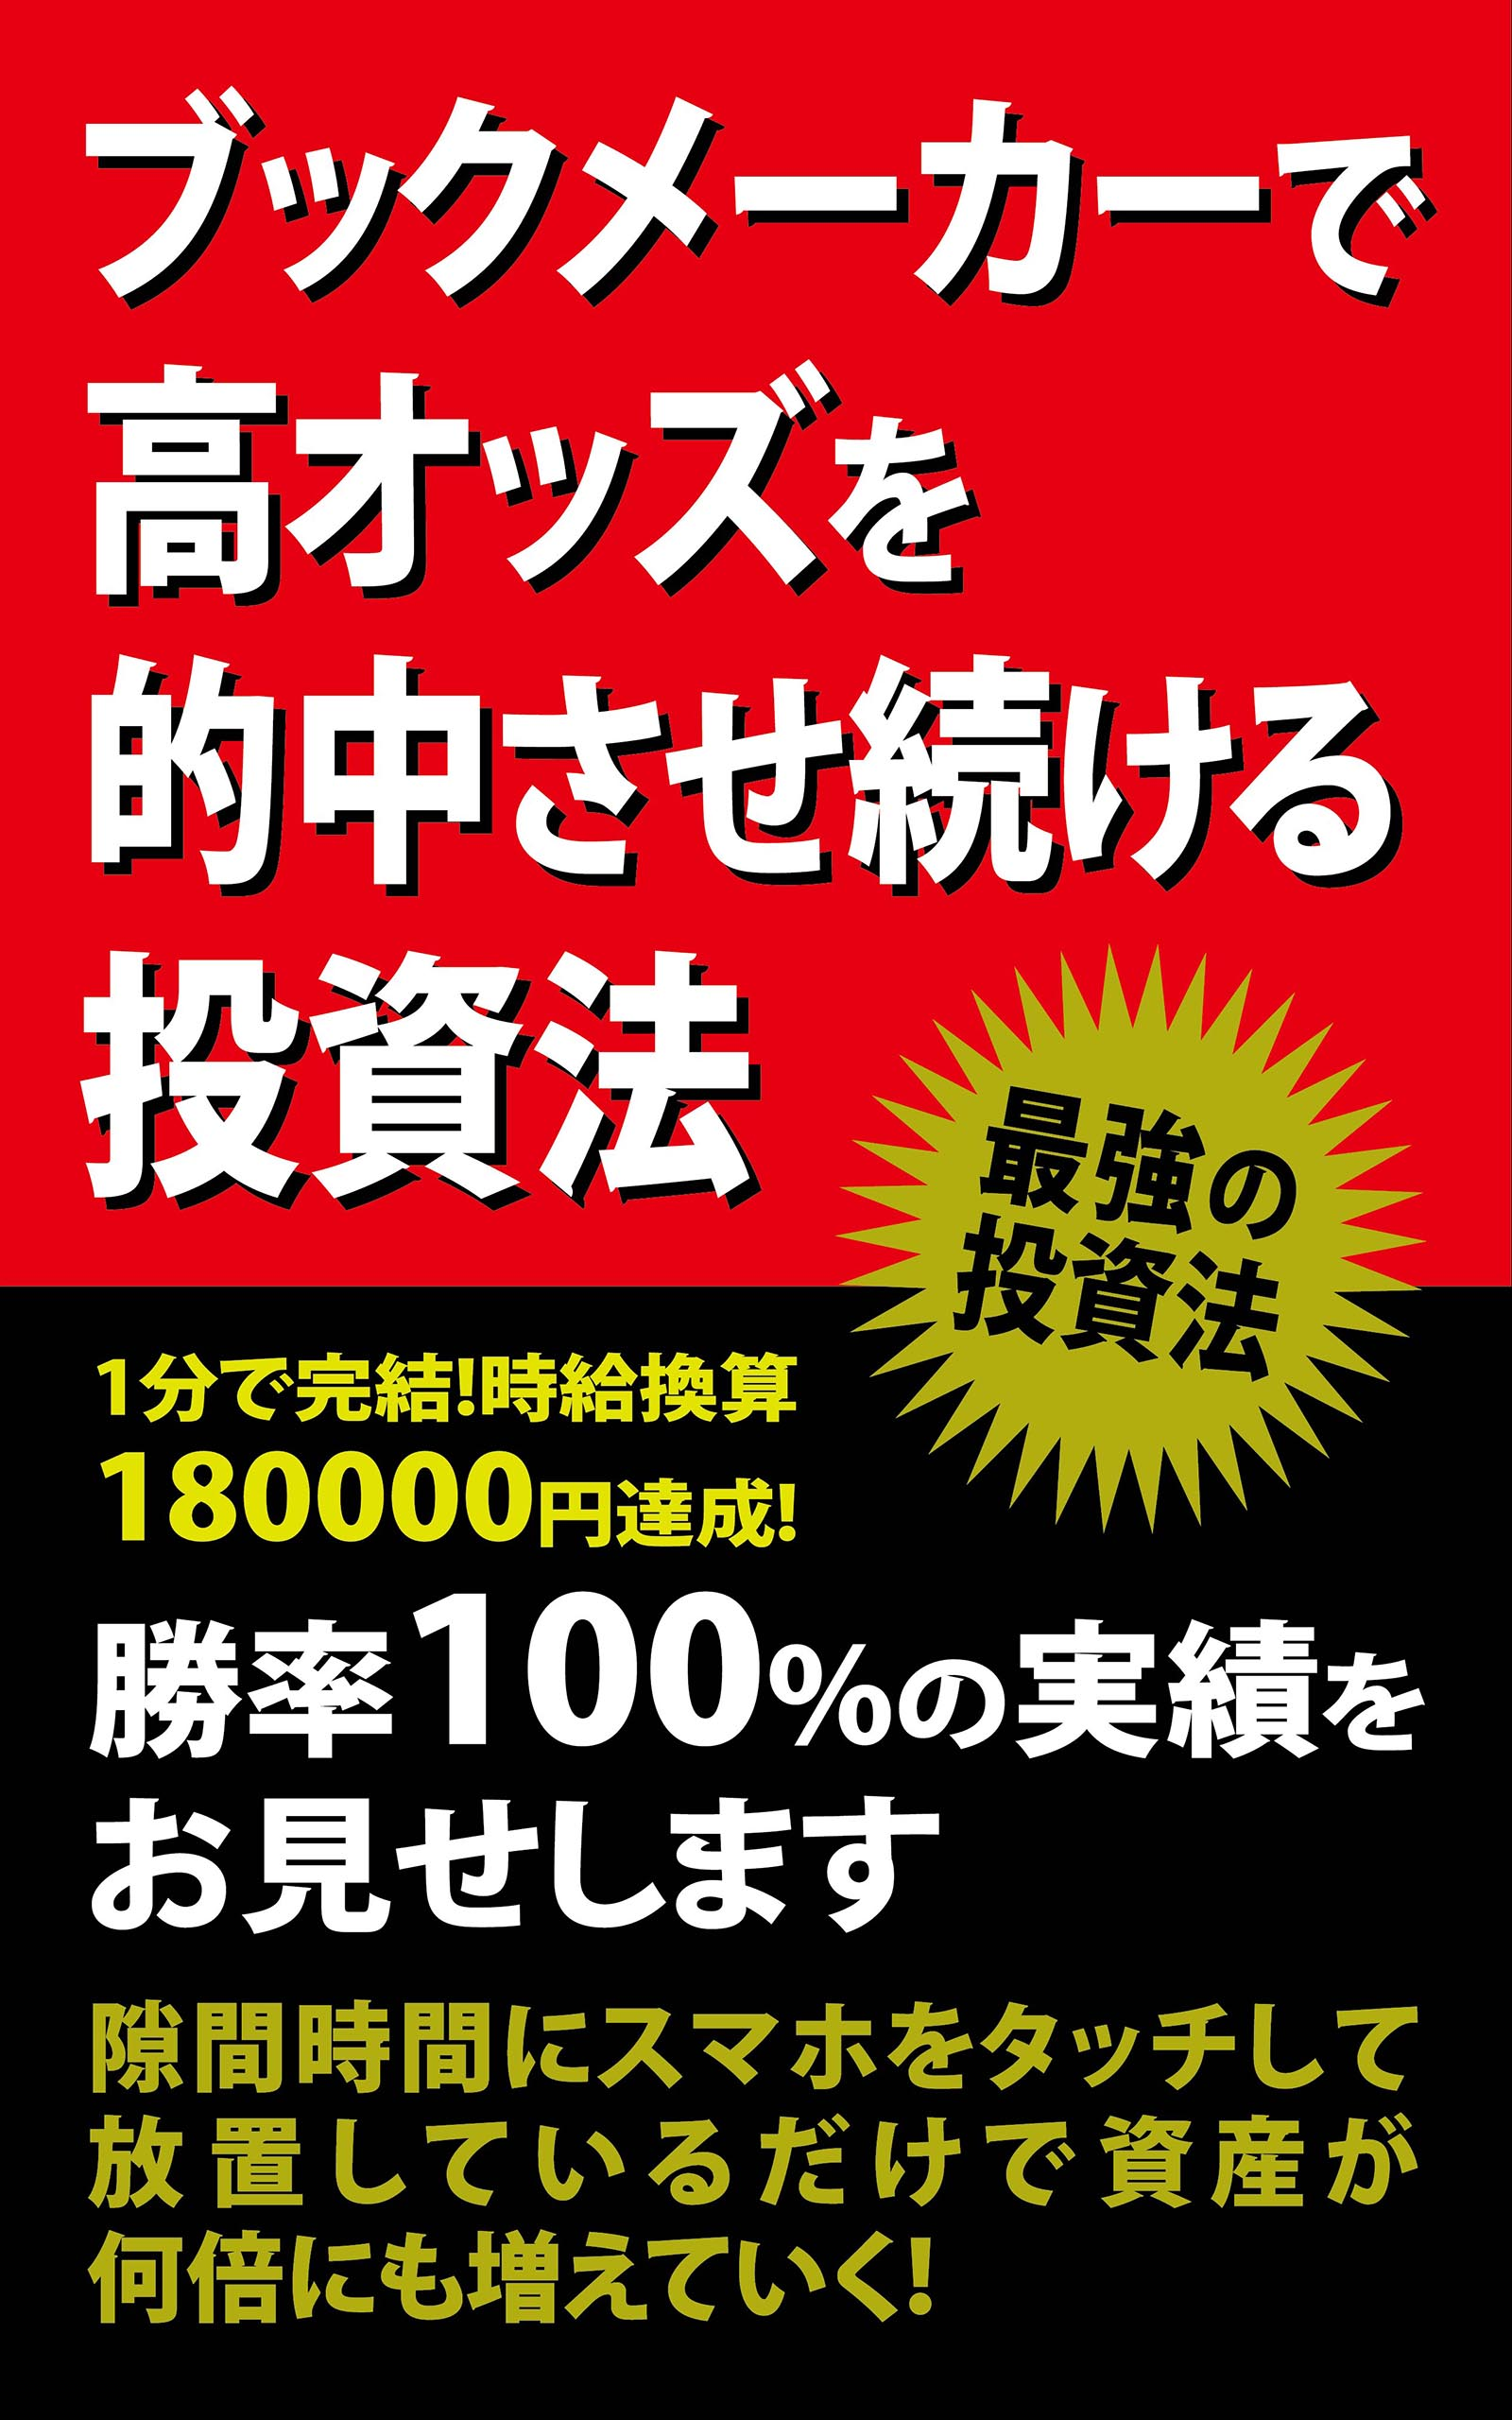 ブックメーカー投資法時給換算180000円達成